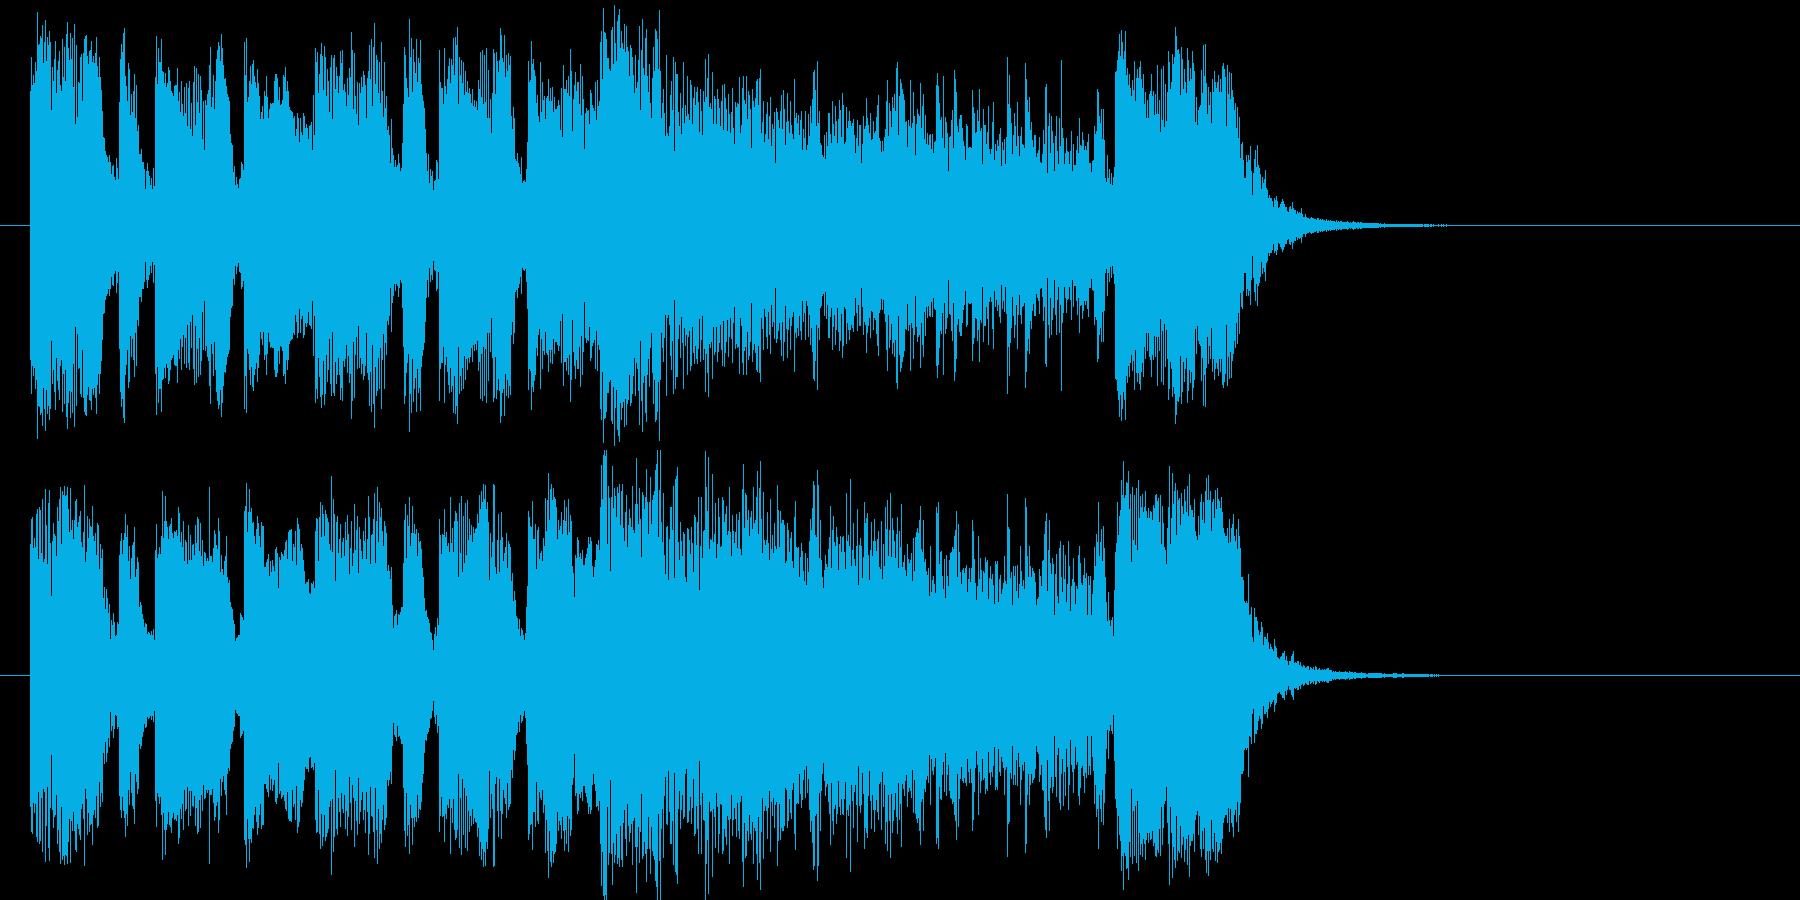 インパクトのあるファンクジングルの再生済みの波形